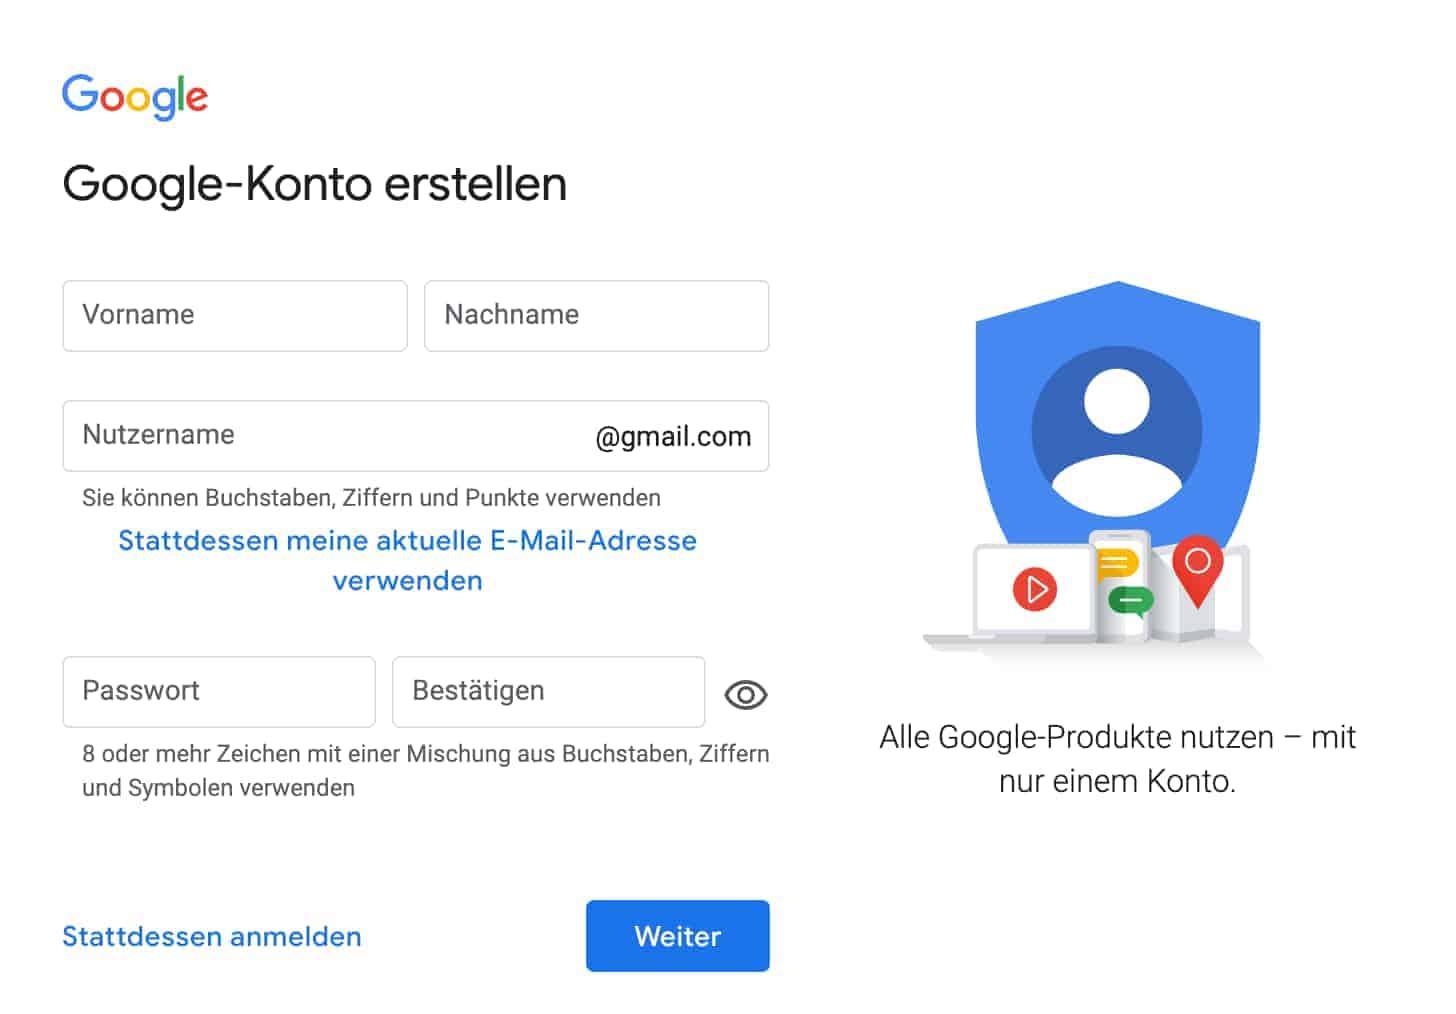 Google_Konto_erstellen